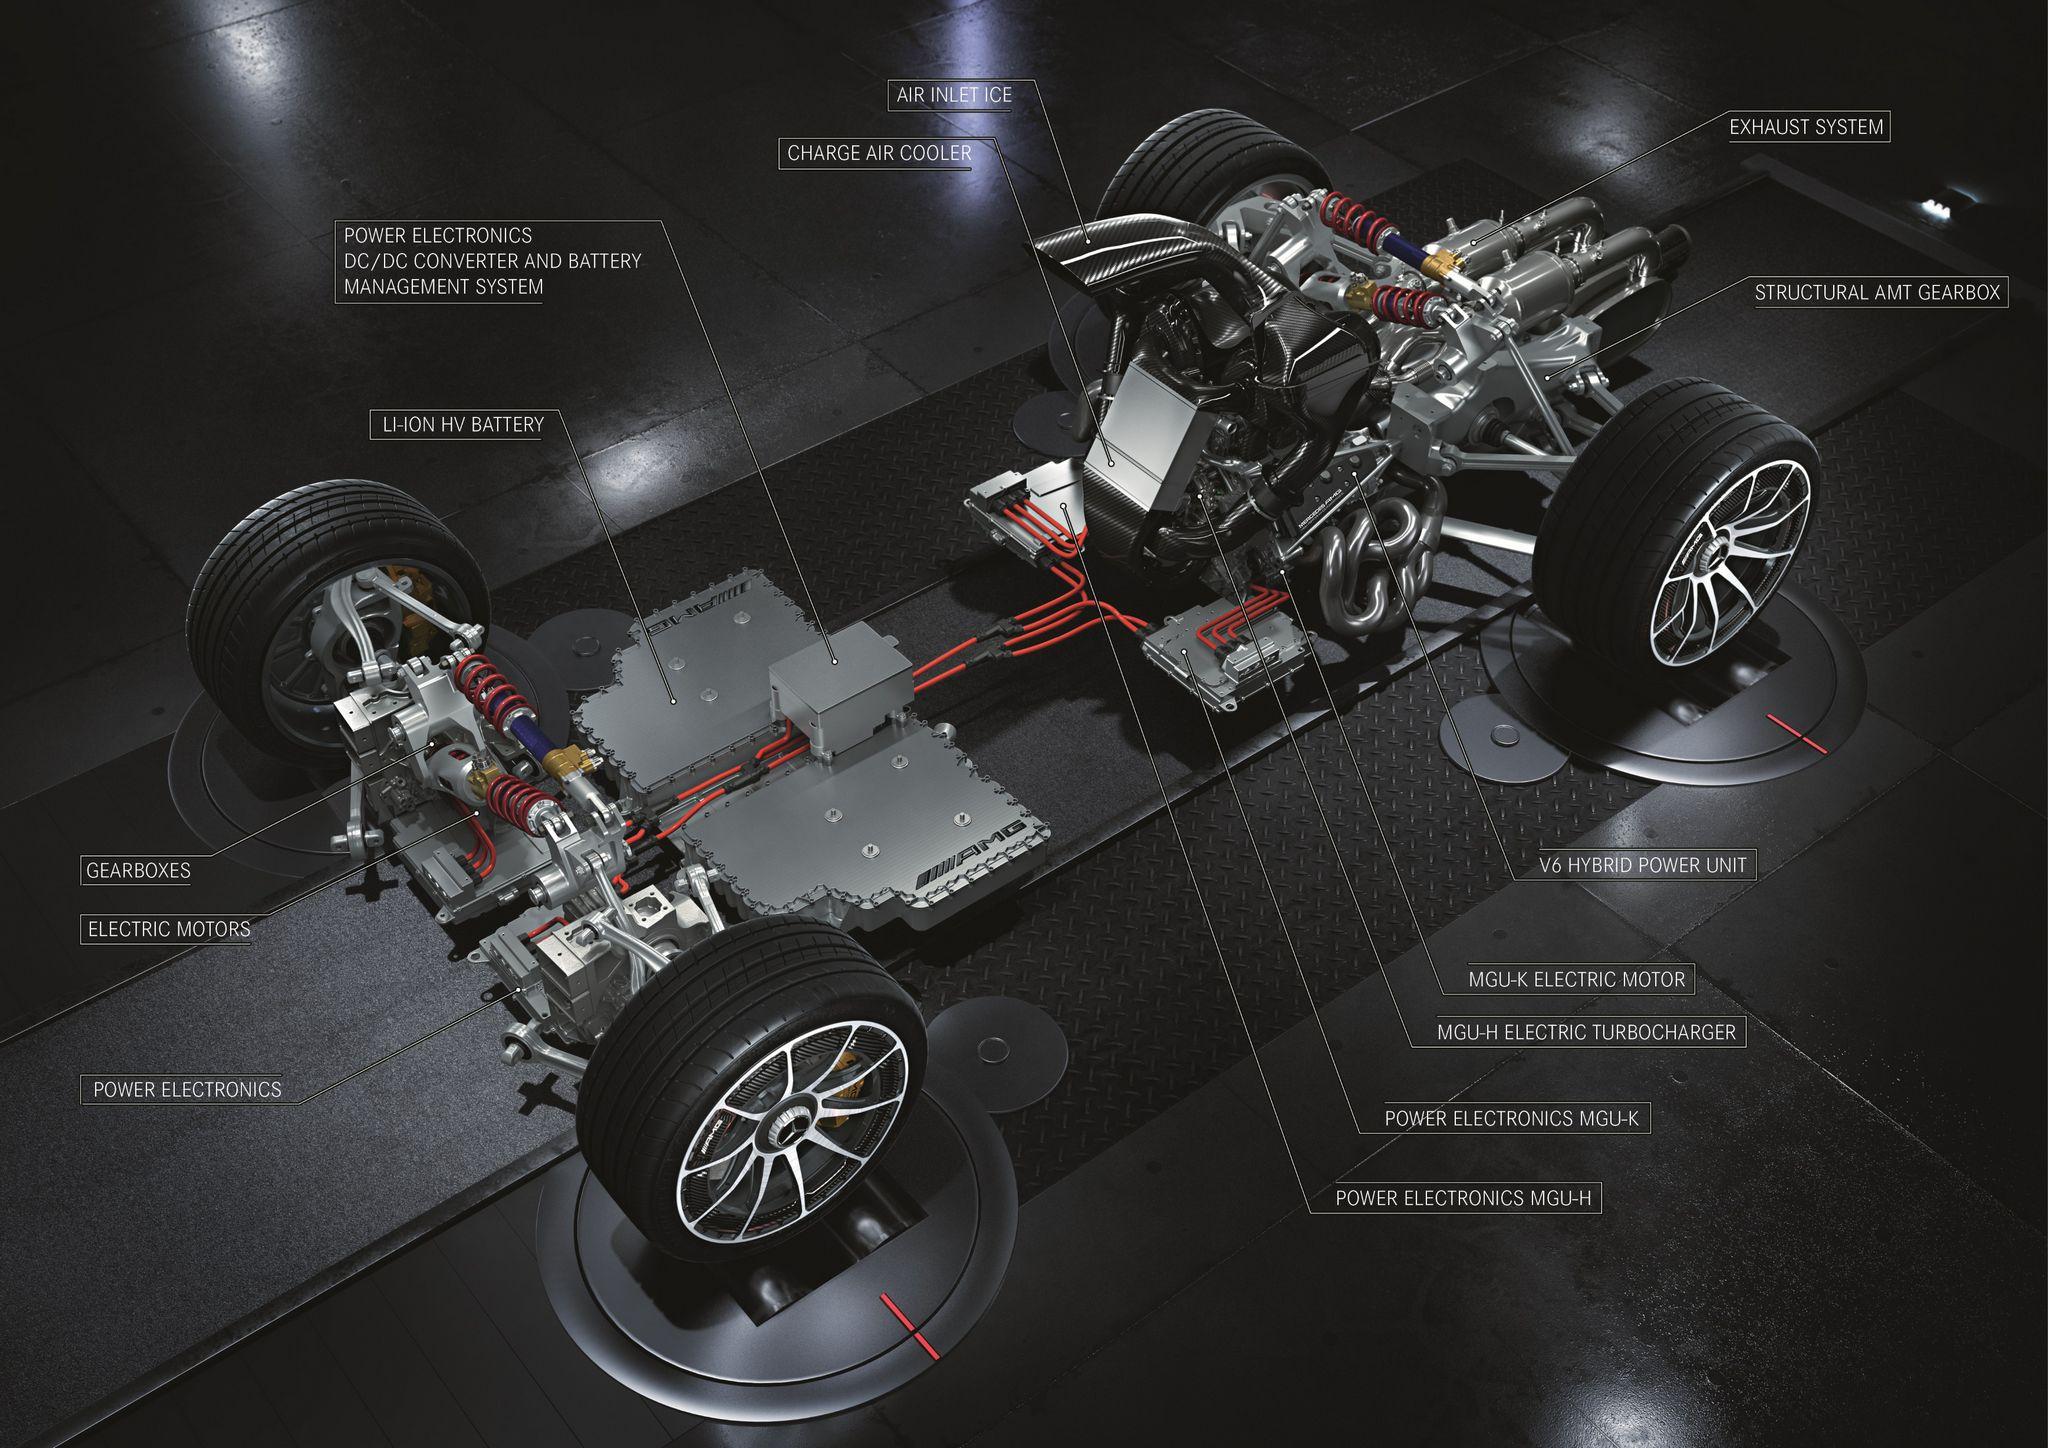 AMG One Auslieferung erfolgt nun frühestens ab Mitte 2022